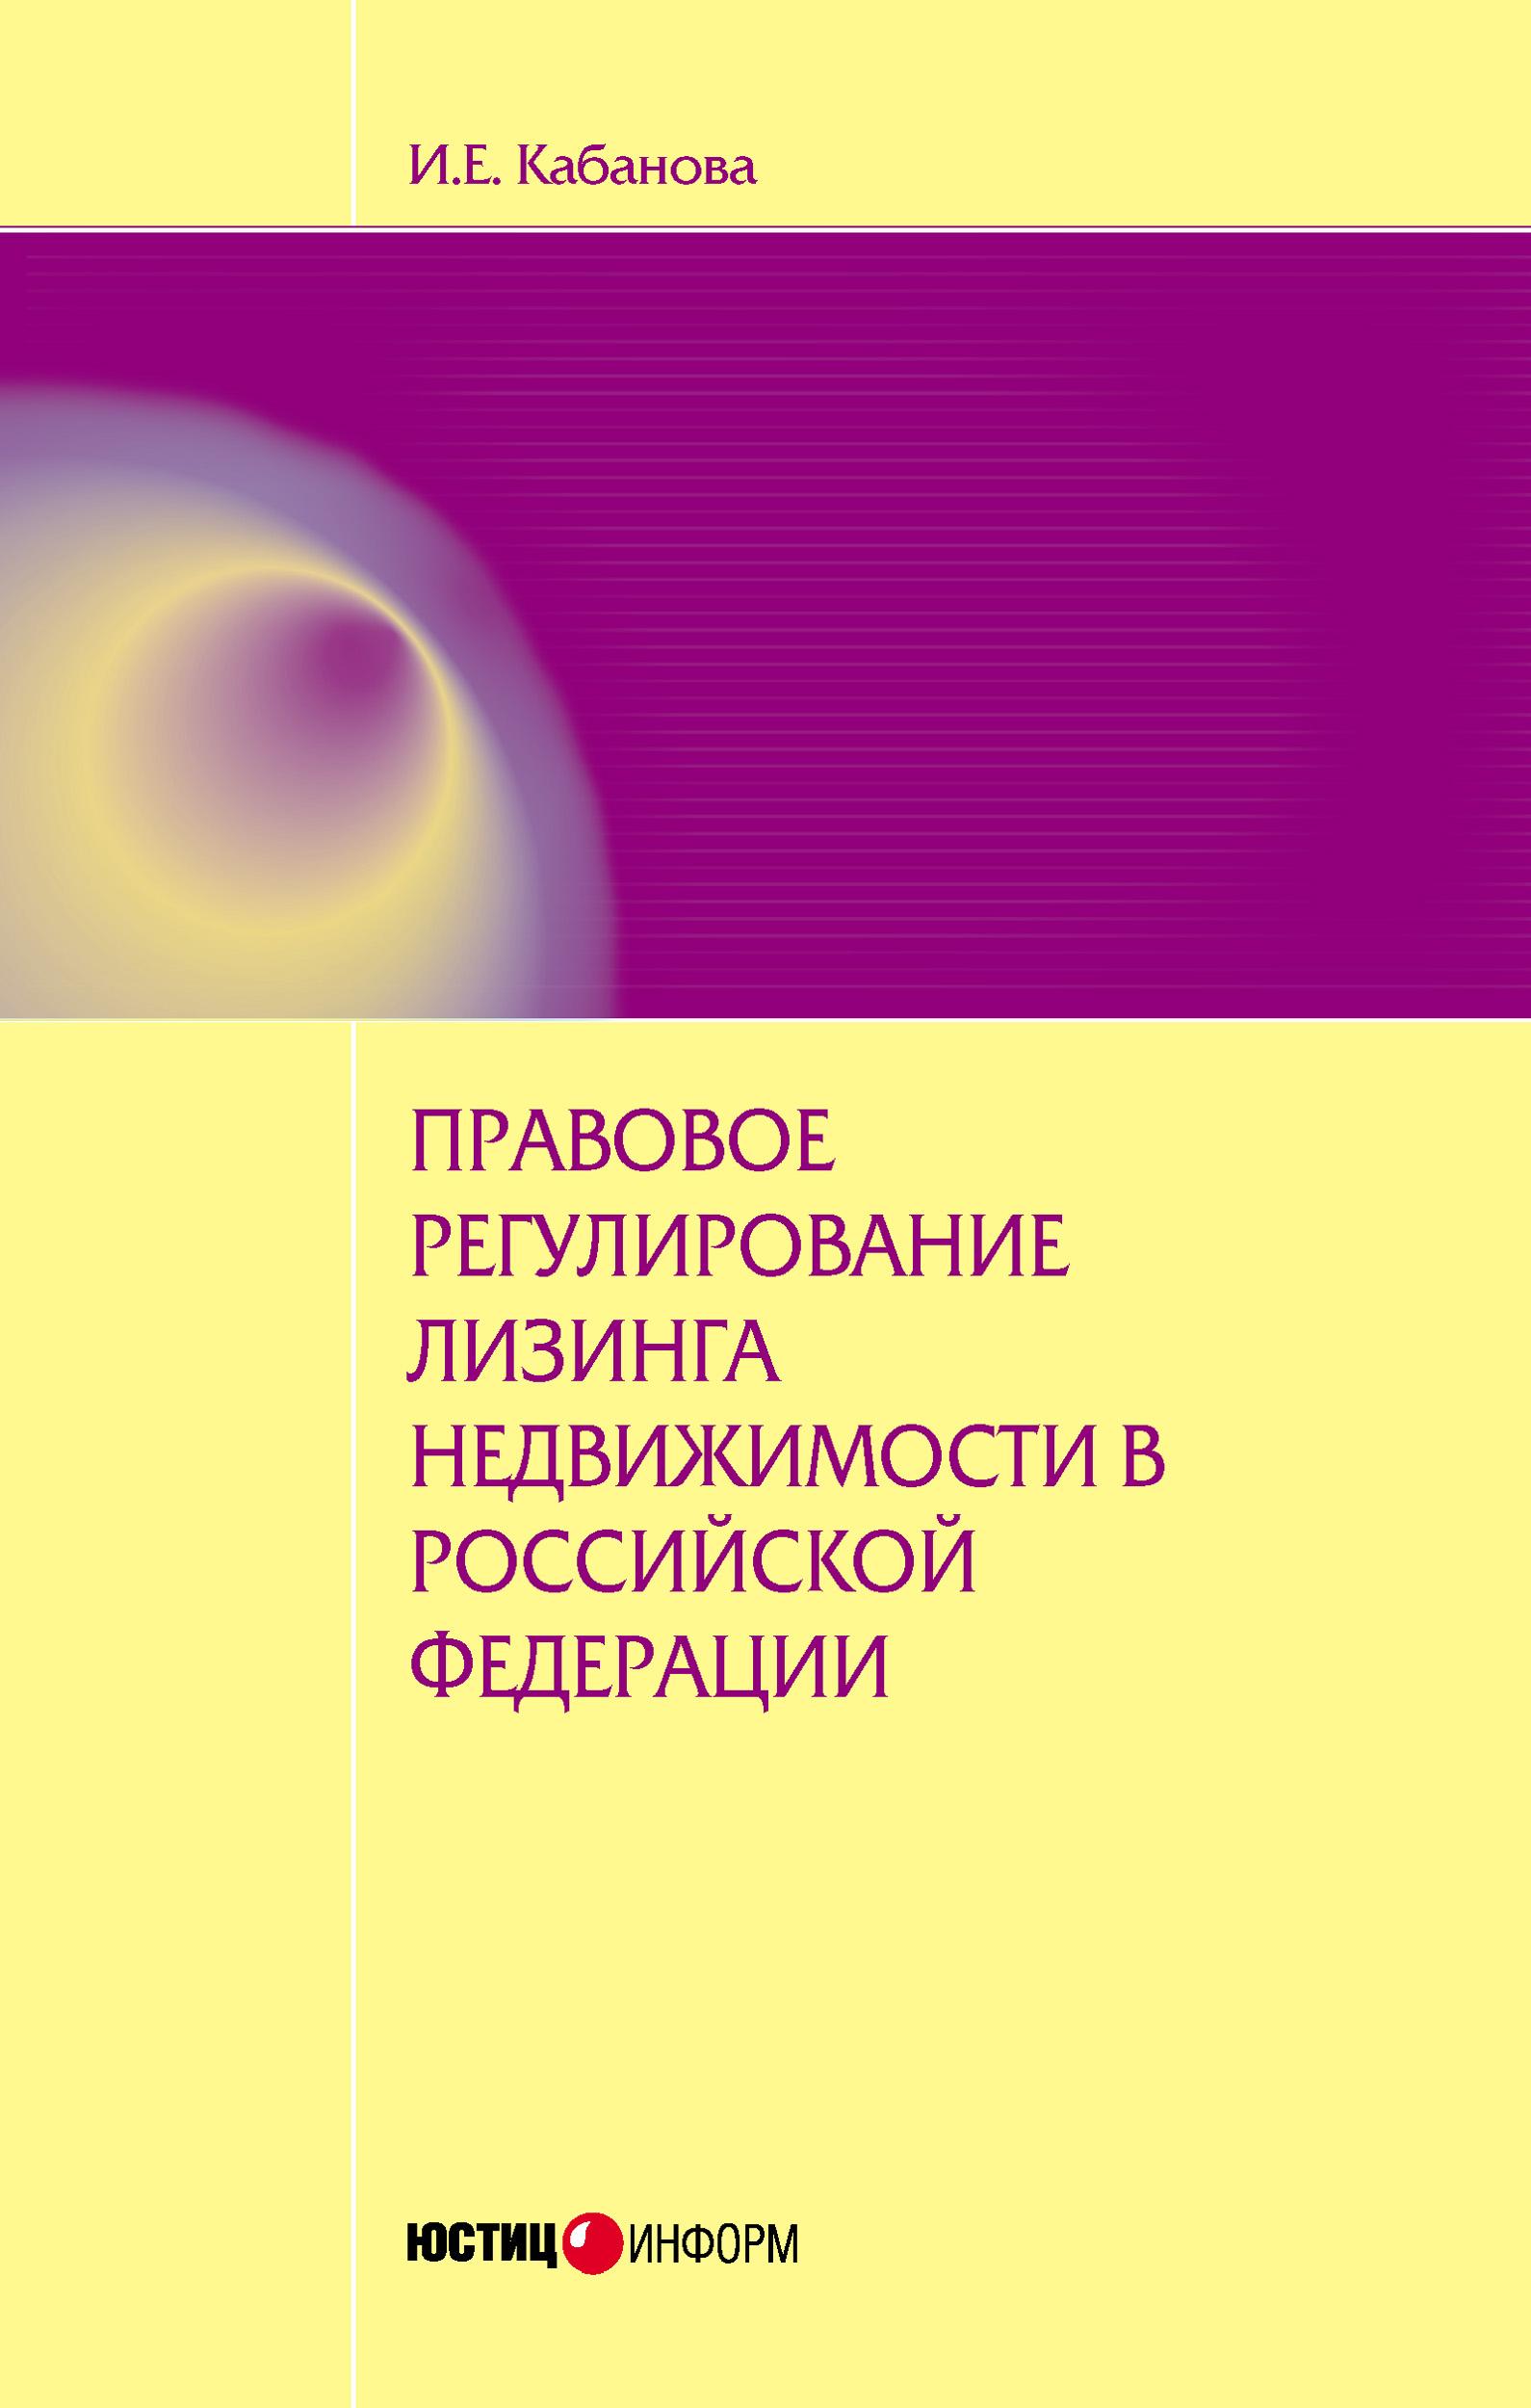 И. Е. Кабанова Правовое регулирование лизинга недвижимости в Российской Федерации: монография